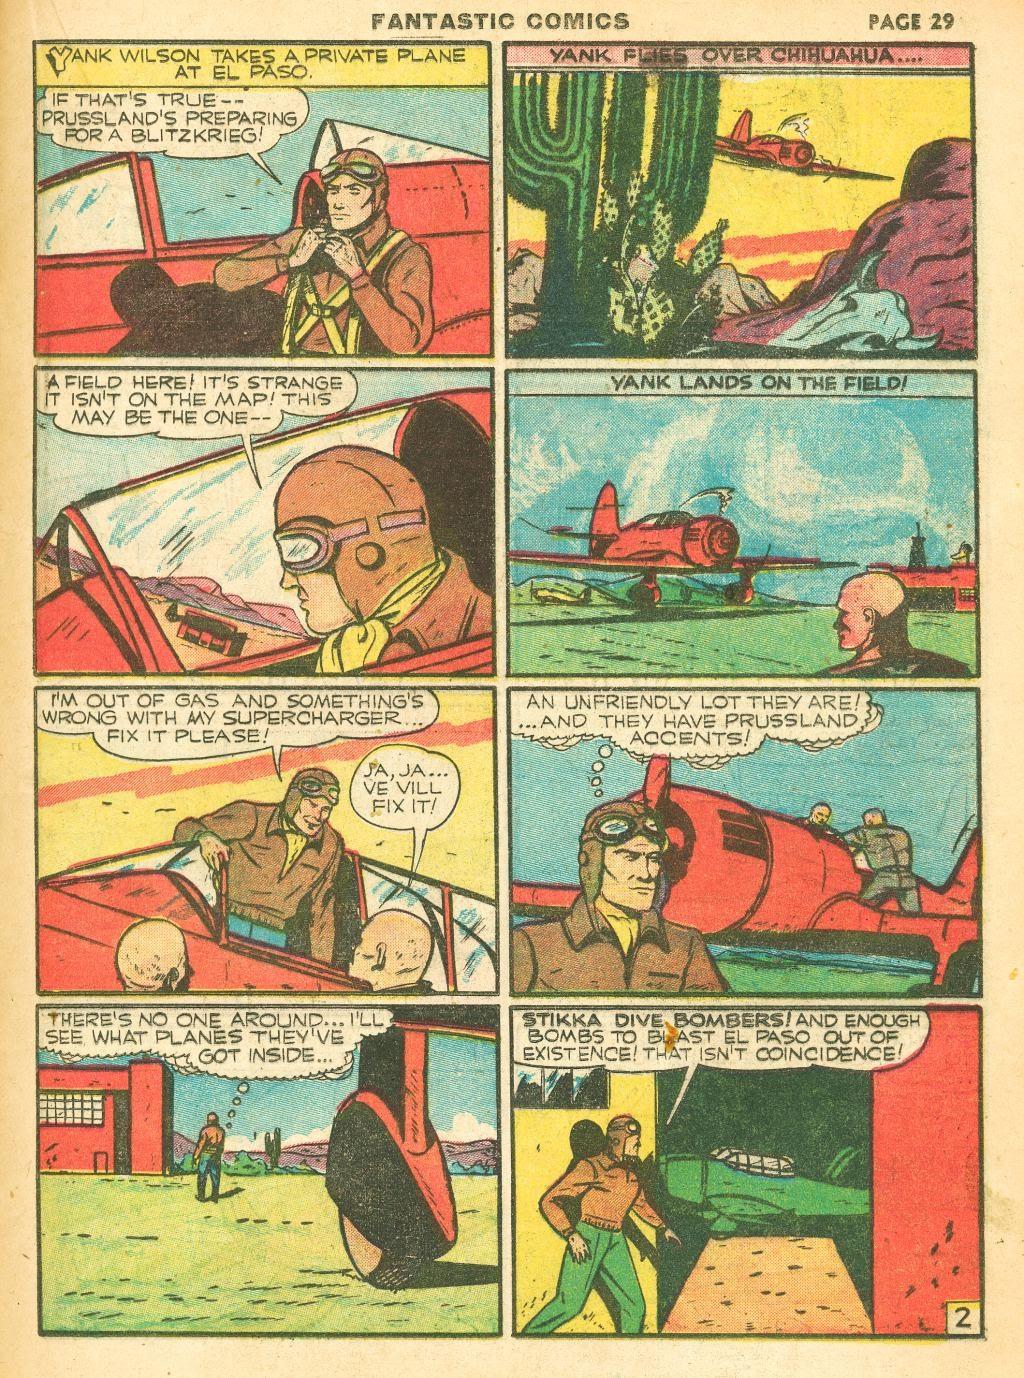 Read online Fantastic Comics comic -  Issue #12 - 31